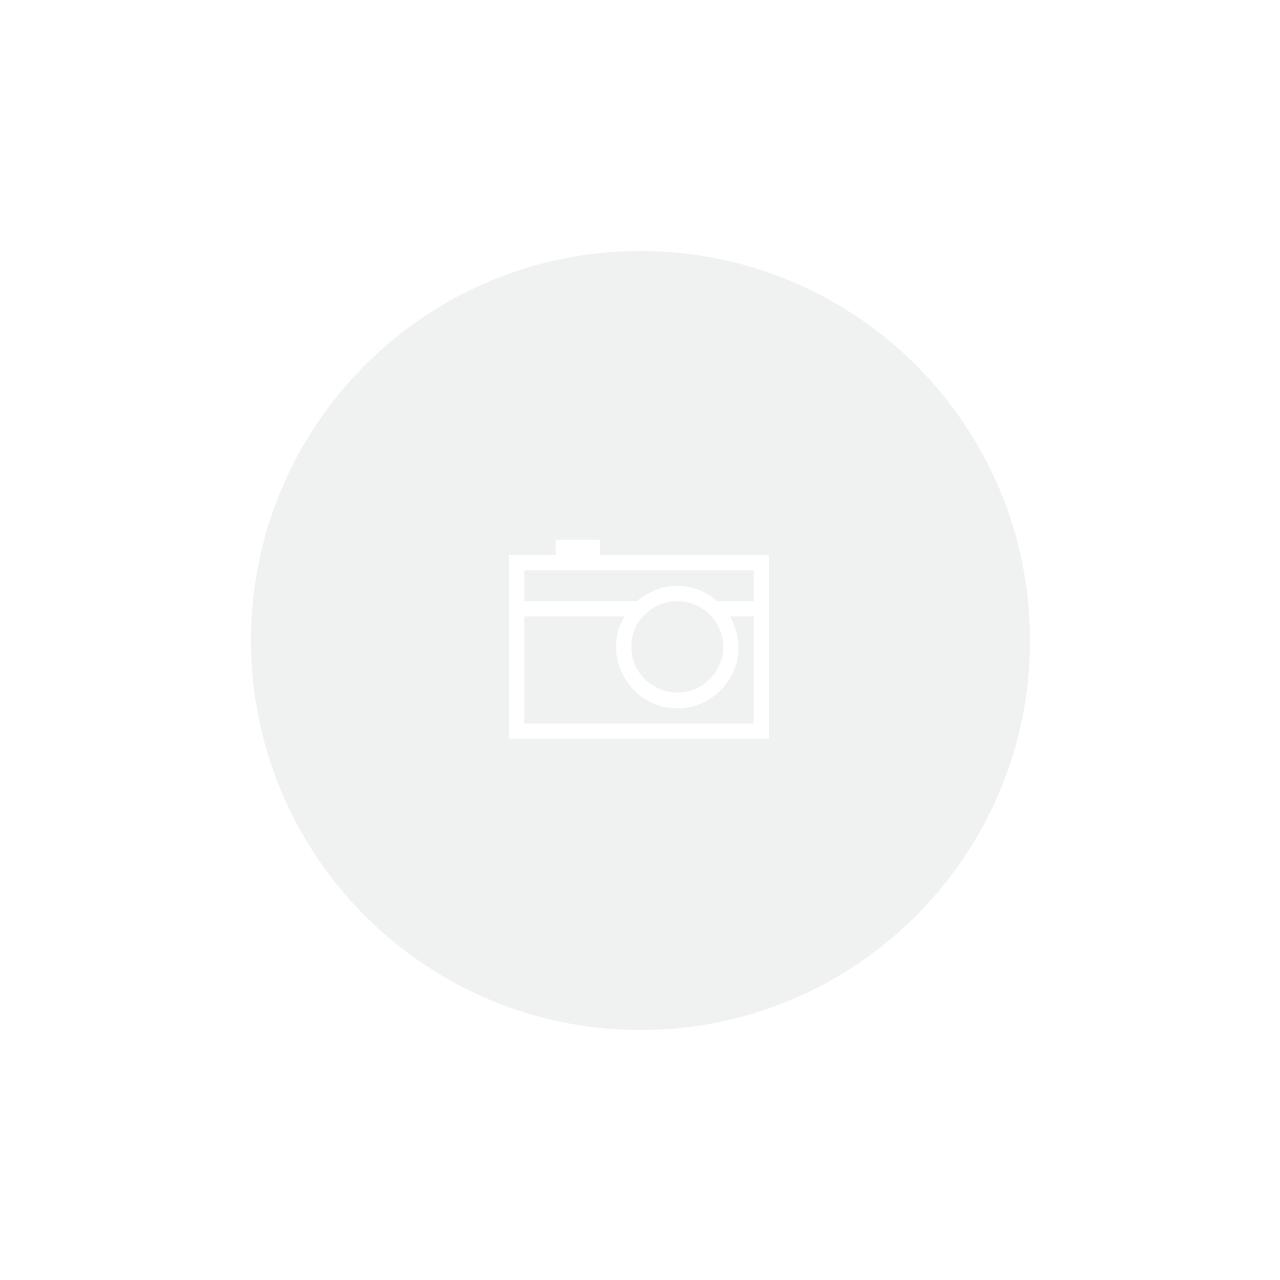 Braçadeira/Faixa de capitão - Neoprene - Personalizado